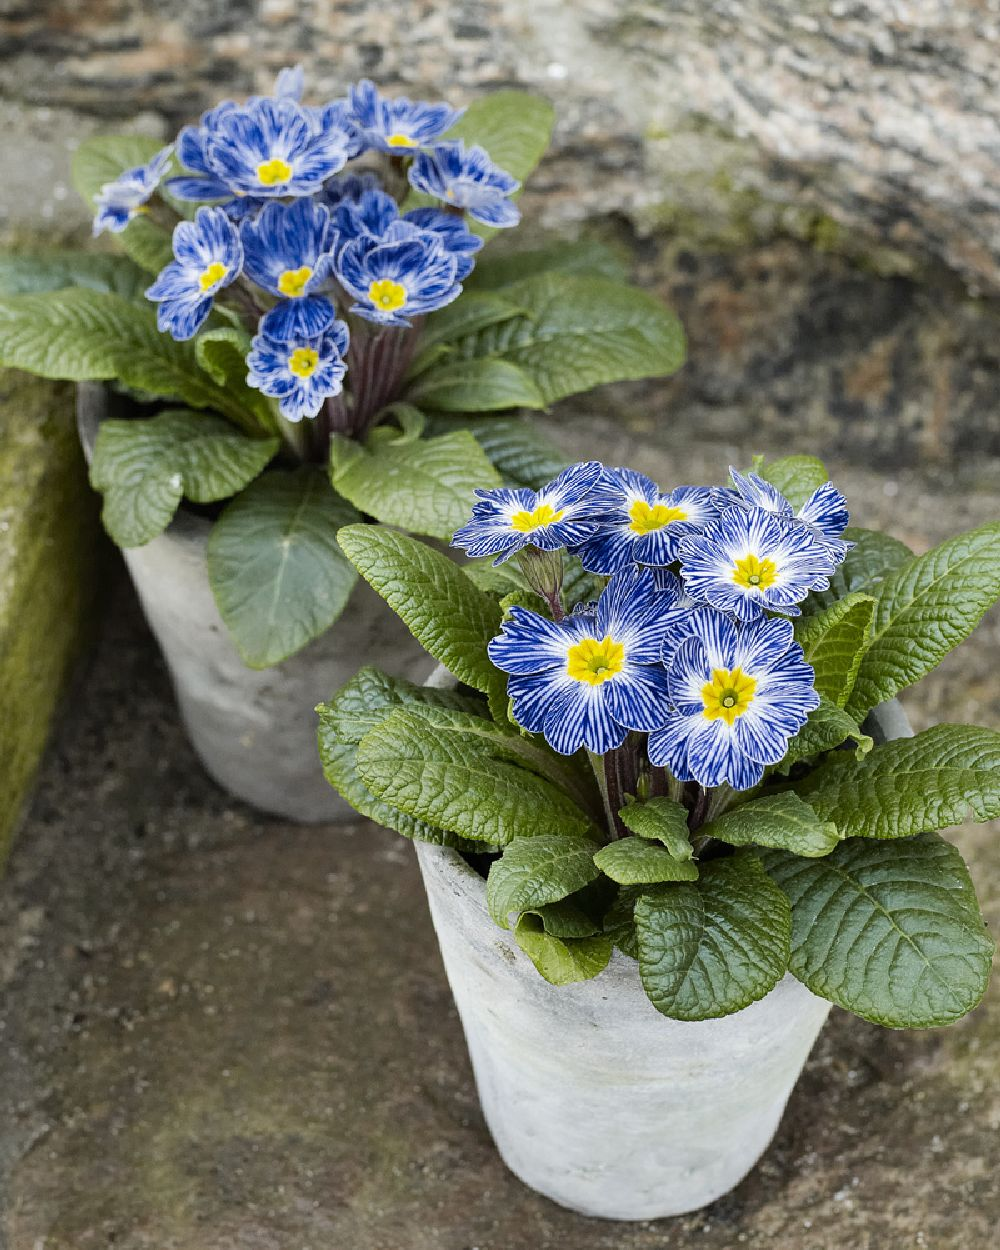 adelaparvu.com despre Primula, Text Carli Marian, Foto Floradania, Primula vulgaris (2)